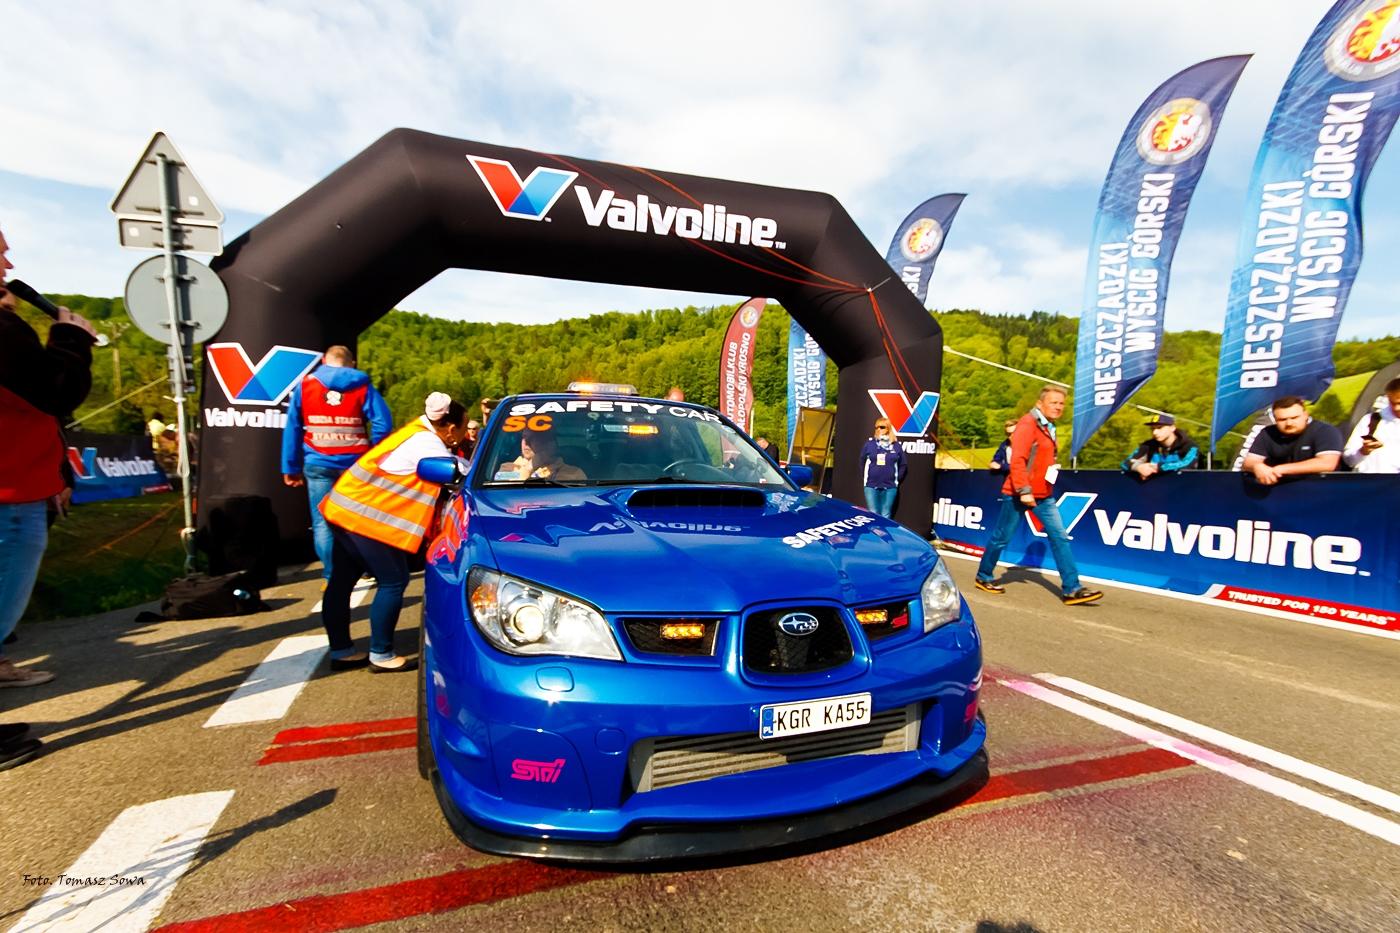 47 Wyścig Górski: Pierwszy dzień wyścigu dla Słowaków [FOTORELACJA] - Zdjęcie główne